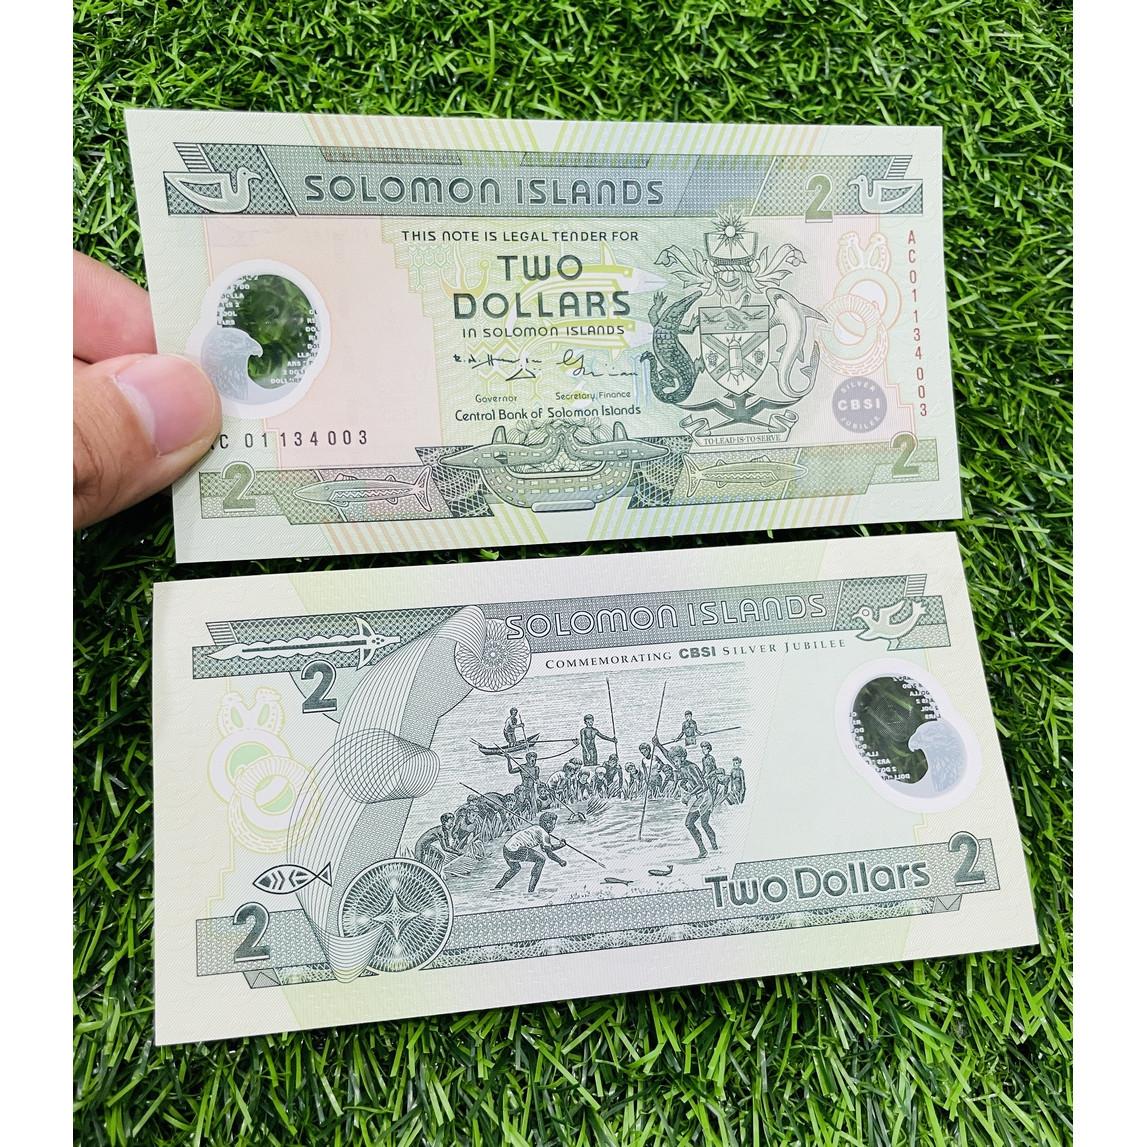 Tiền Solomon 2 Dollar cảnh đắt bắt cá, bằng polymer, đất nước ở Nam Thái Bình Dương, mới 100% UNC, tặng túi nilon bảo quản